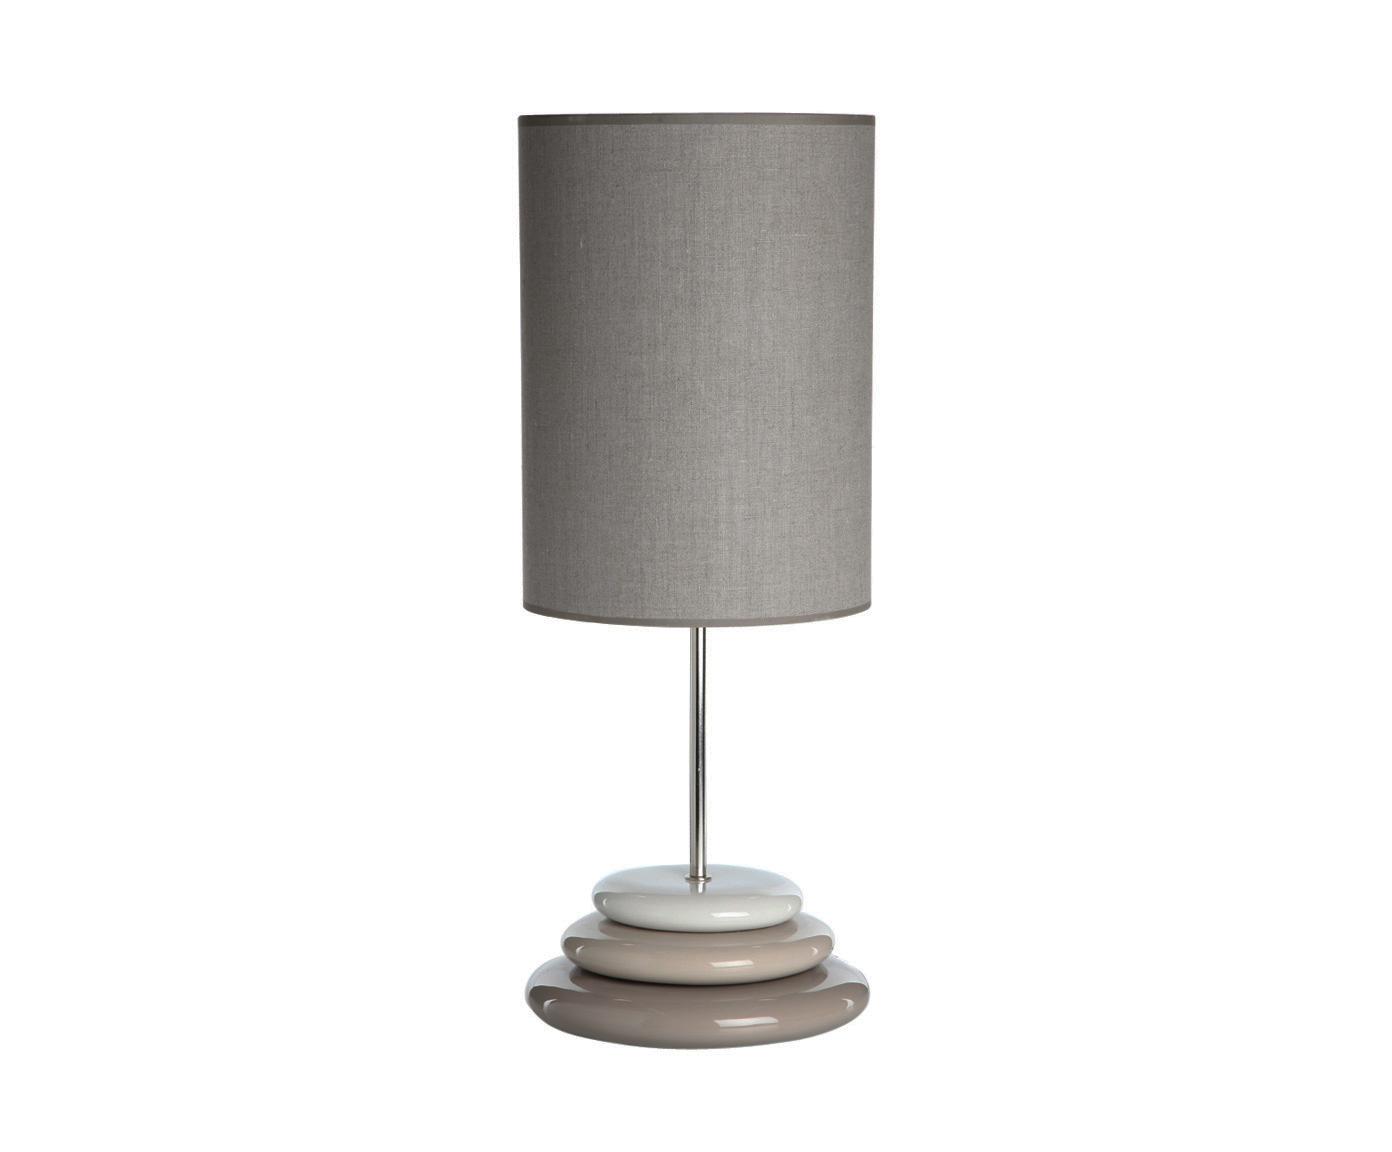 Элитная лампа настольная Палмела от Sporvil